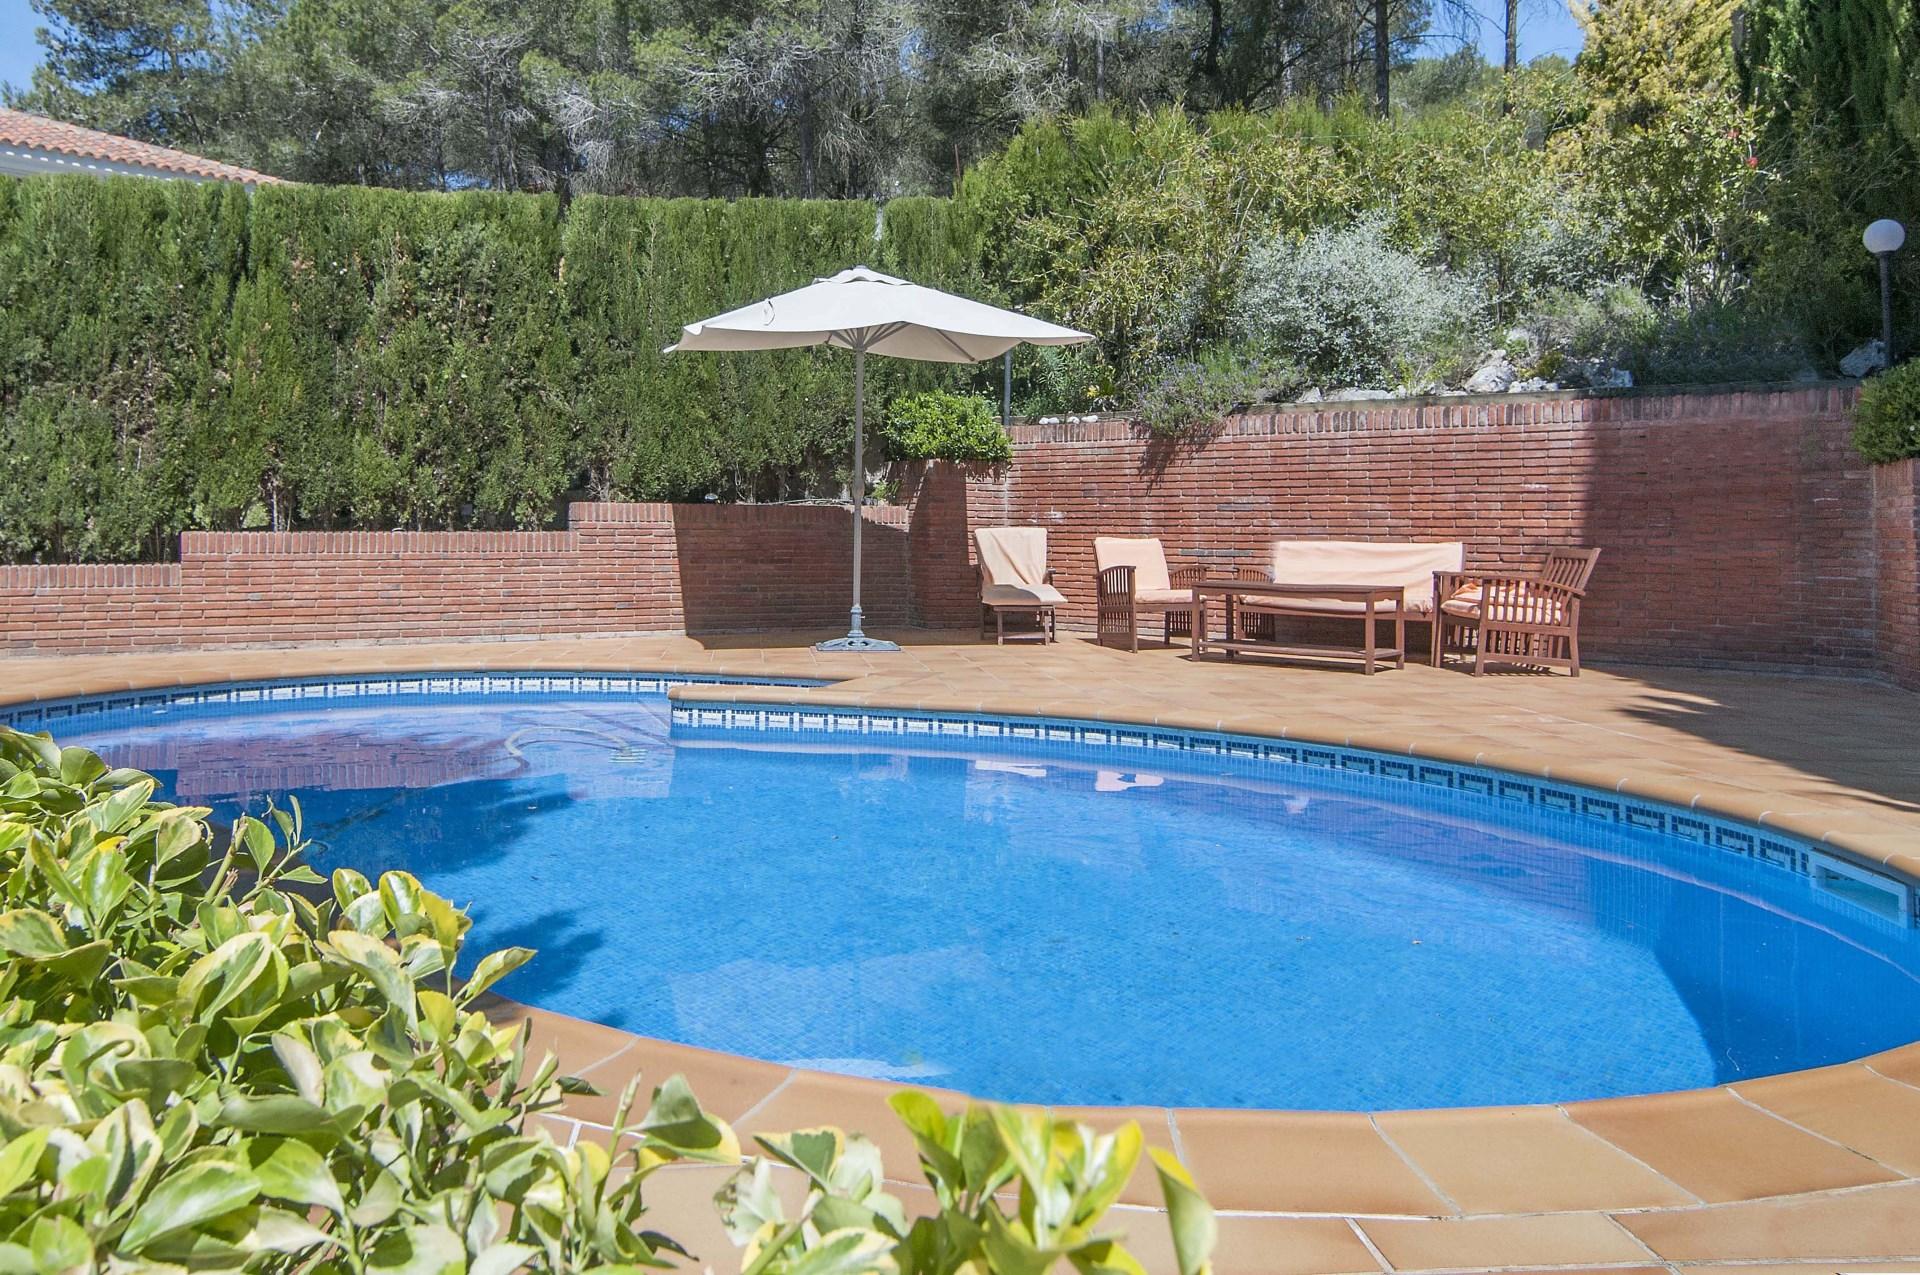 Casa en venta a 4 vientos con piscina en begues barcelona for Casas con piscina barcelona